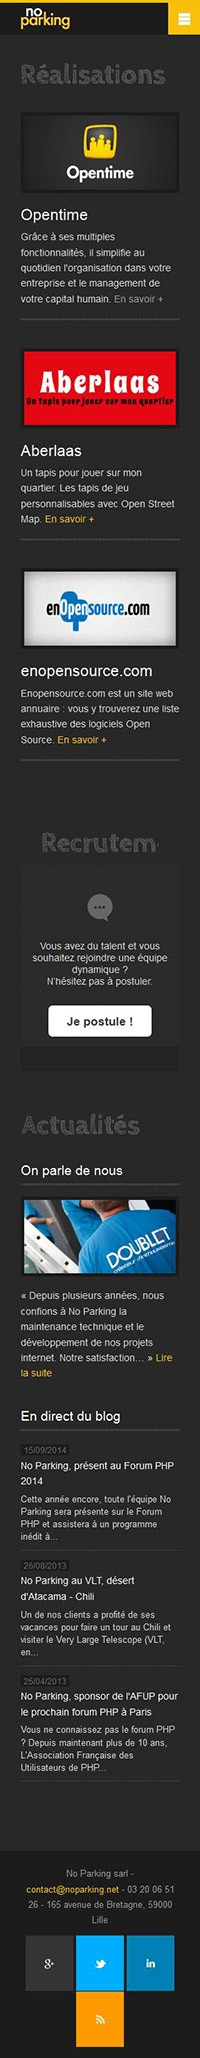 Catpure d'écran mobile du site NoParking